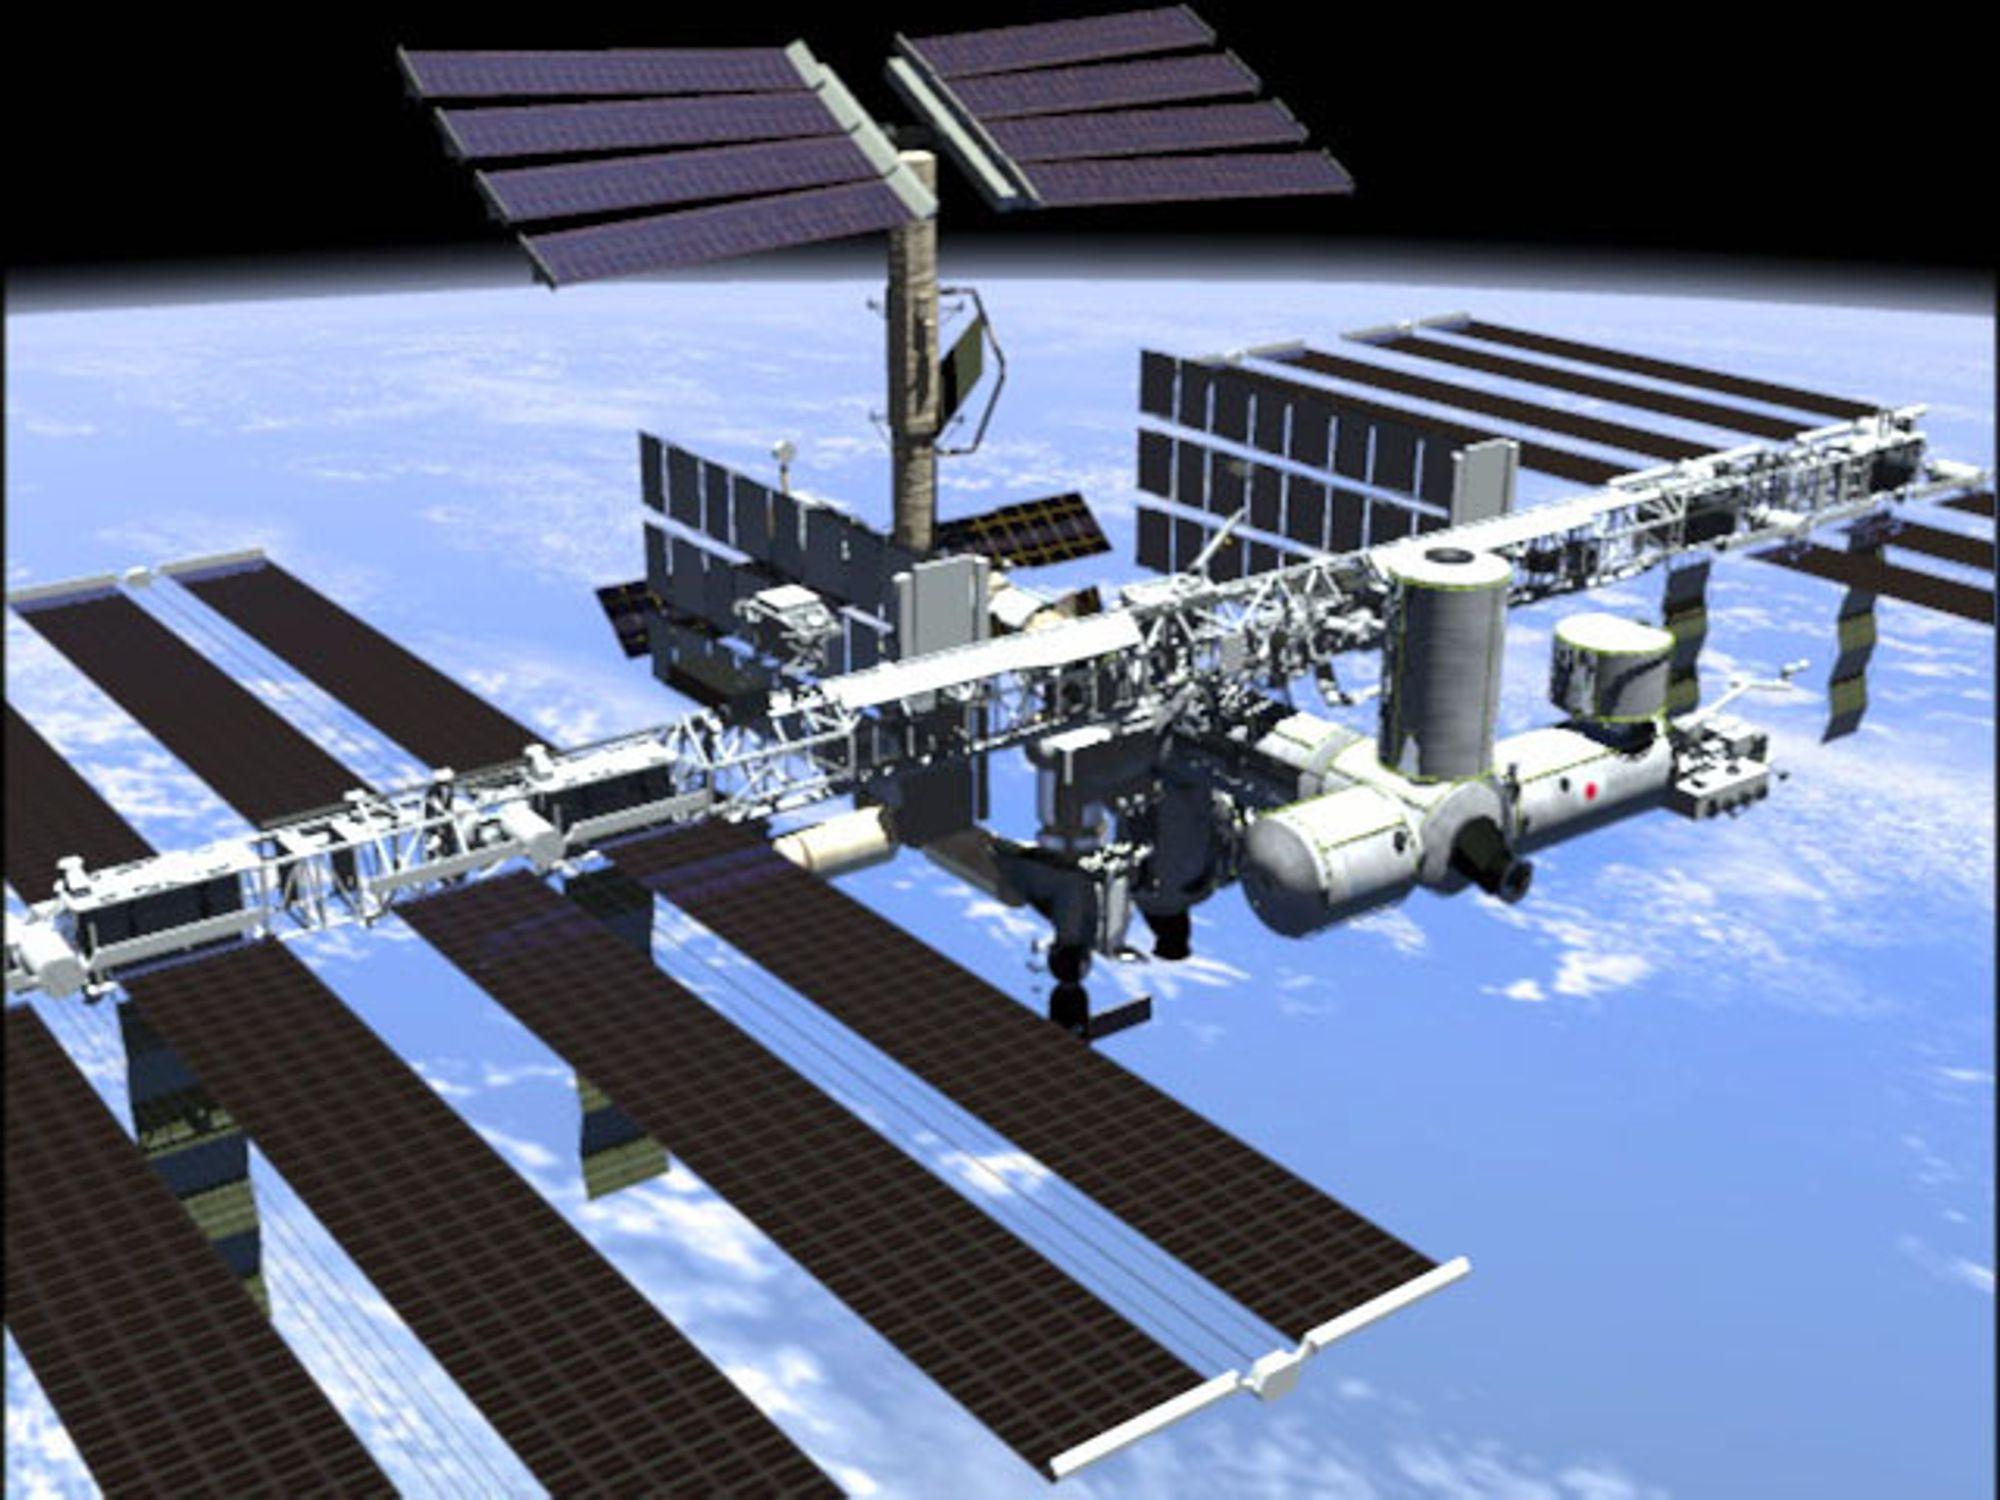 SVEVER OVER OSS: Den internasjonale romstasjonen ISS blir ikke like omfattende som opprinnelig planlagt.